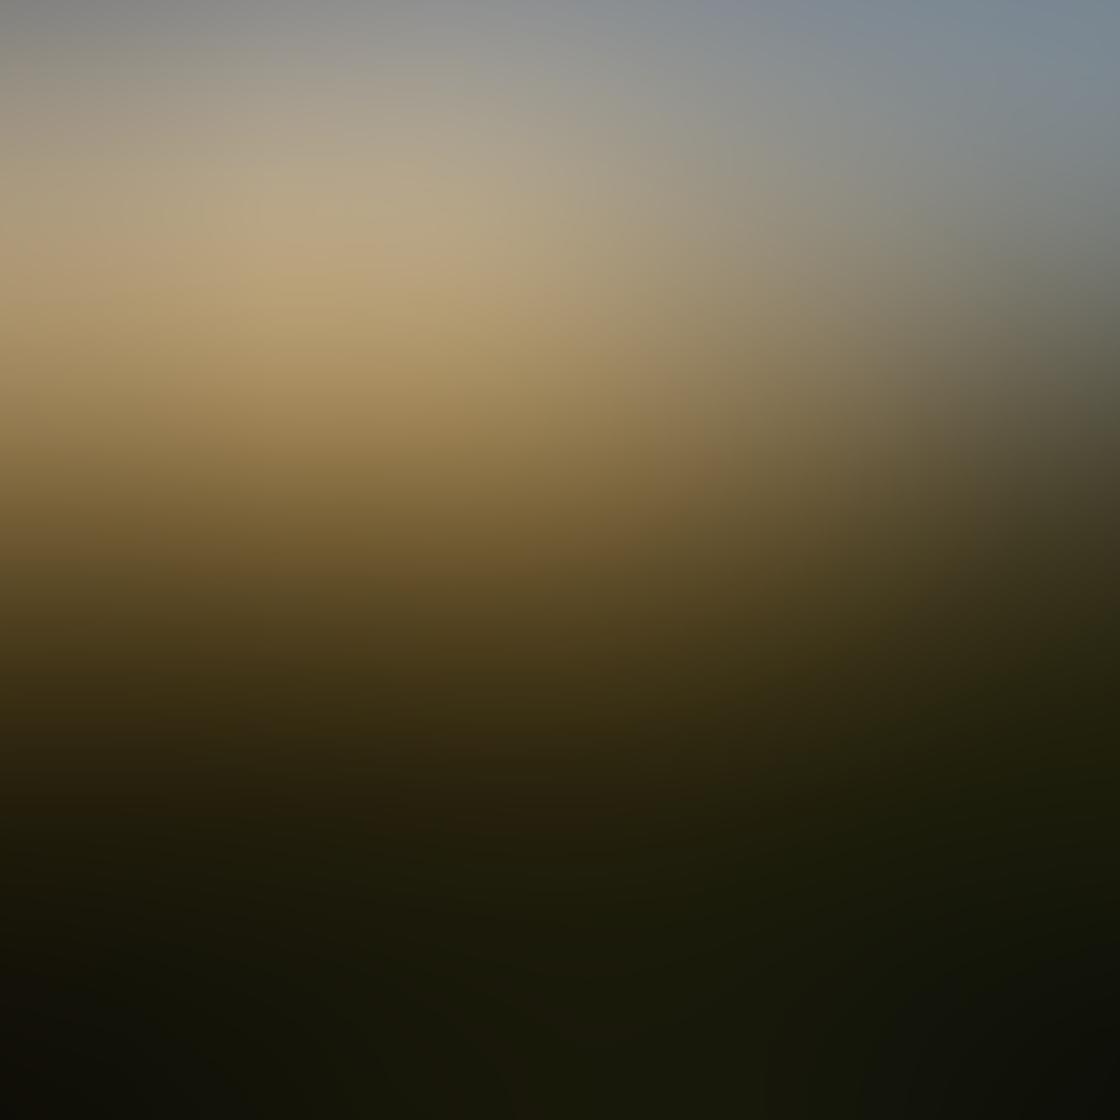 Colin Roberts iPhone Photos 3